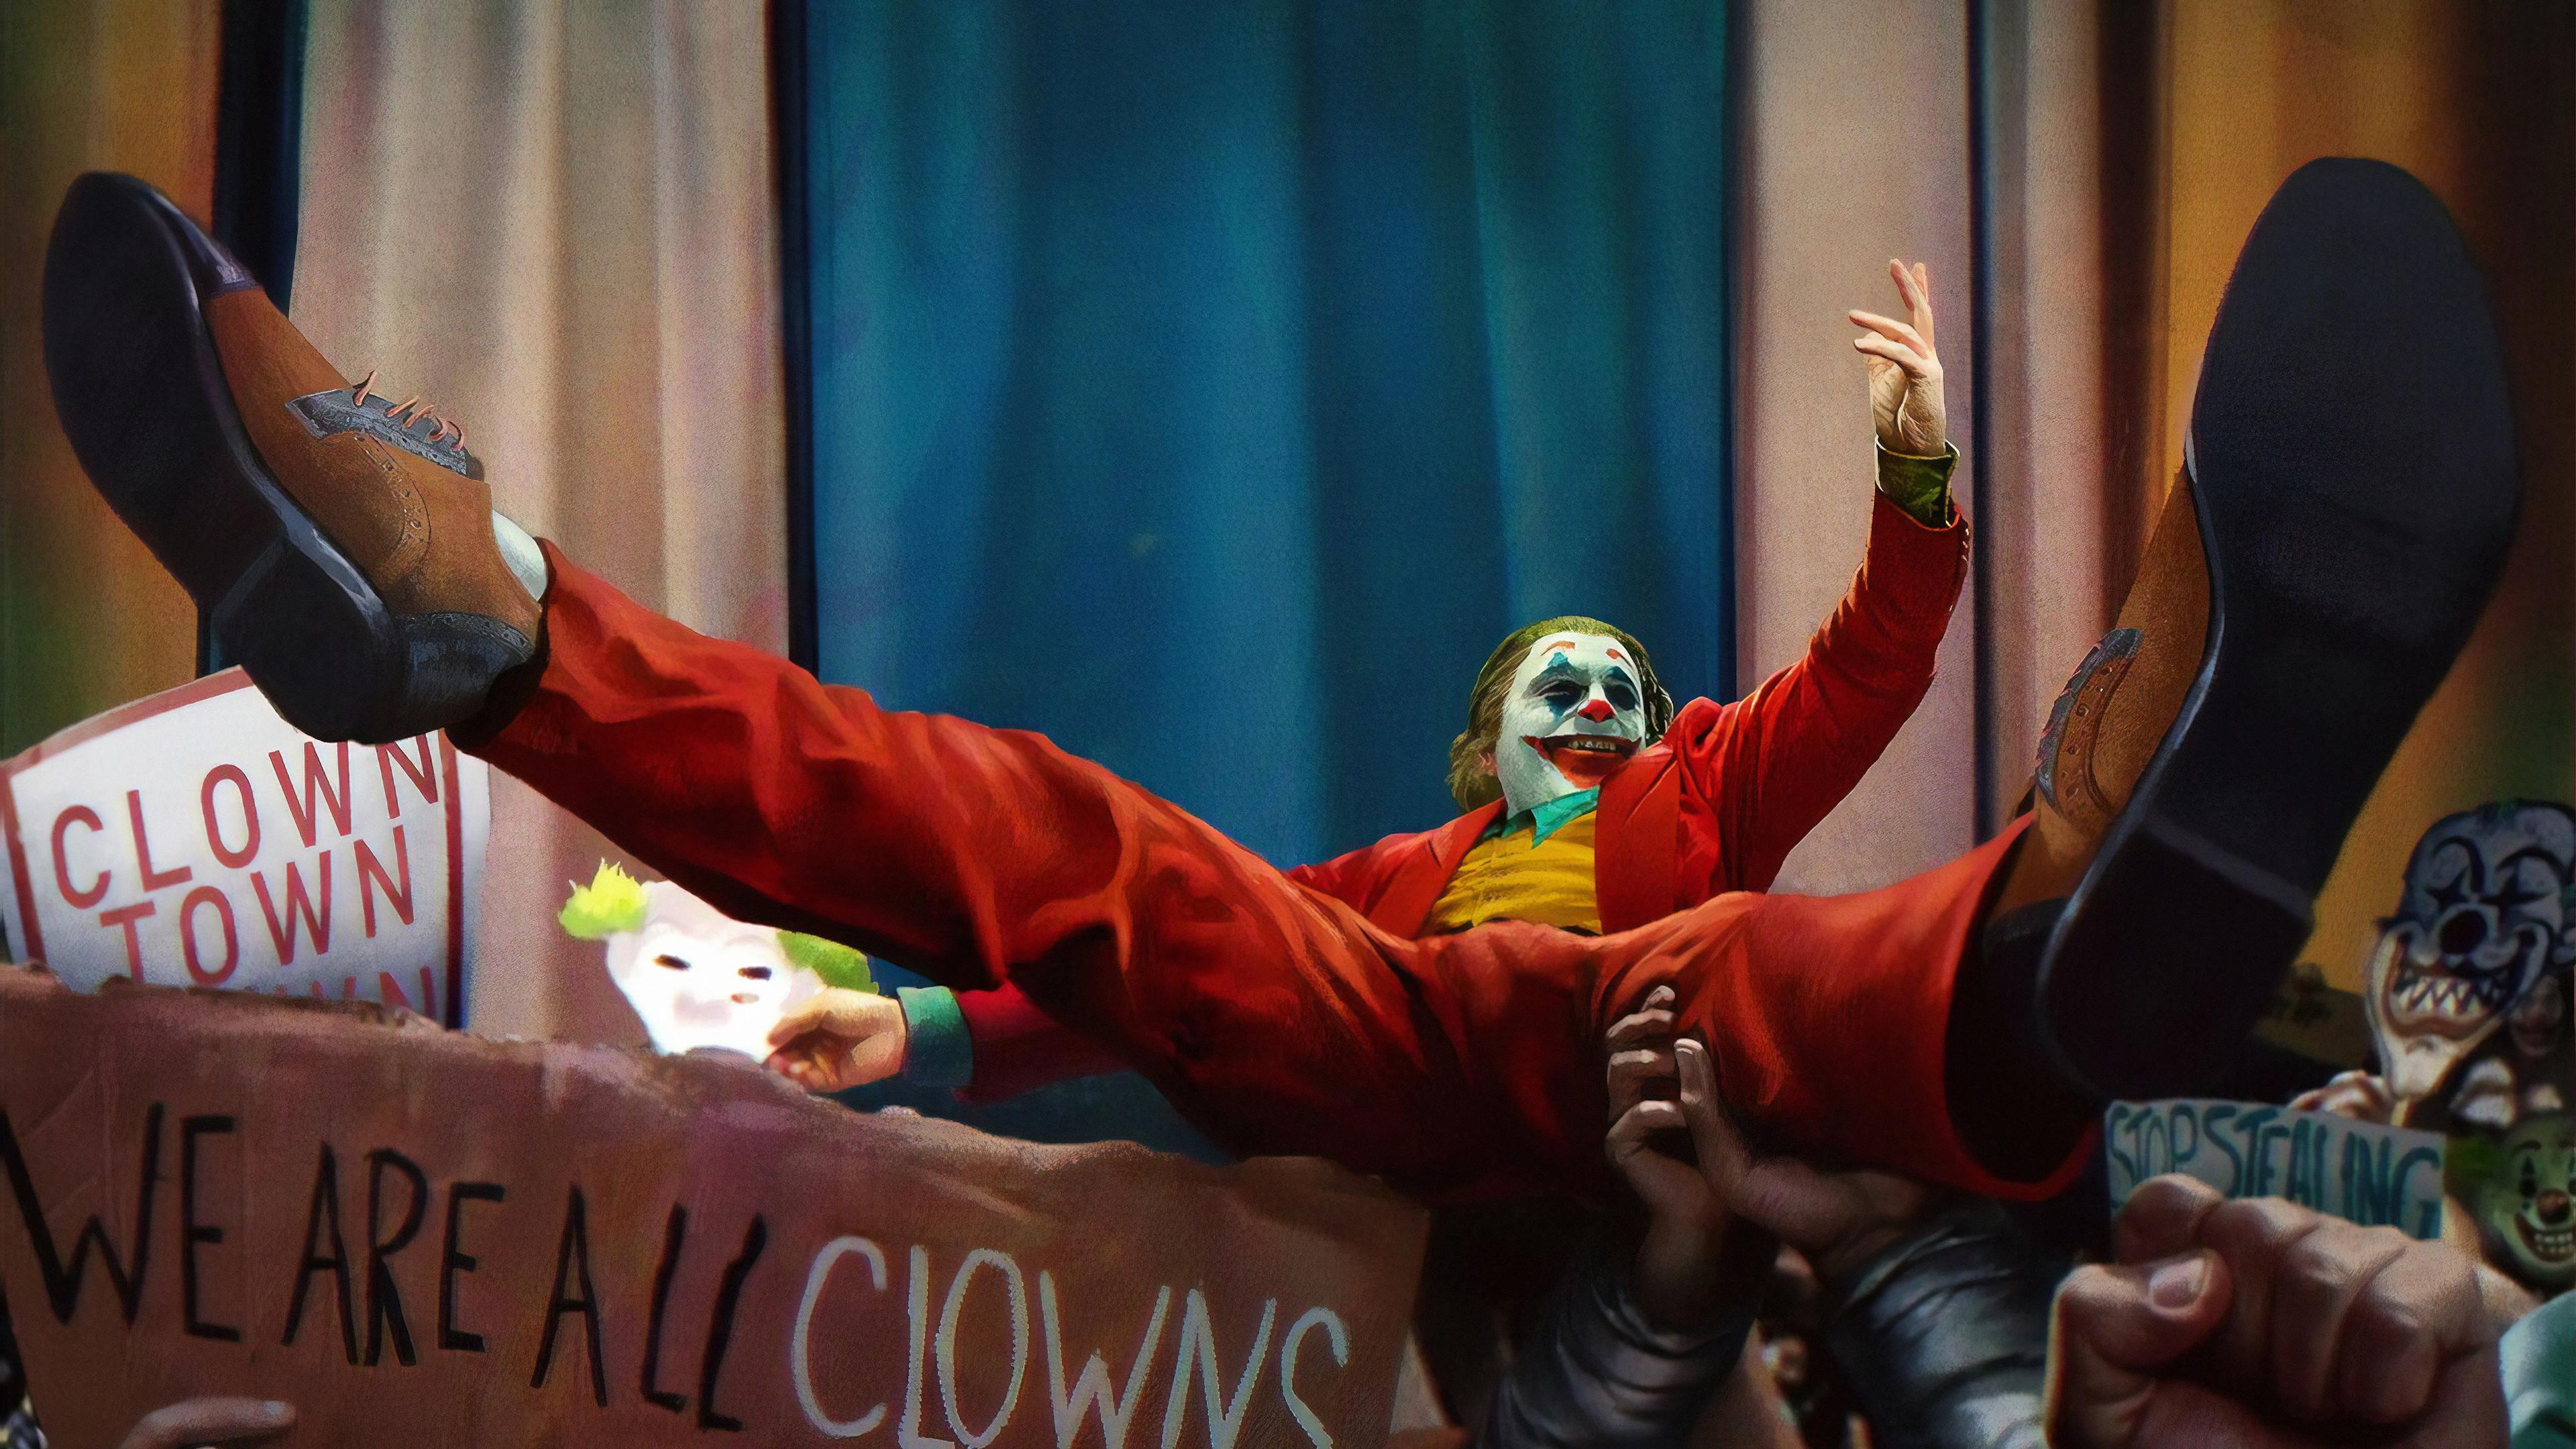 joker clowns 1569186643 - Joker Clowns - supervillain wallpapers, superheroes wallpapers, joker wallpapers, joker movie wallpapers, hd-wallpapers, artwork wallpapers